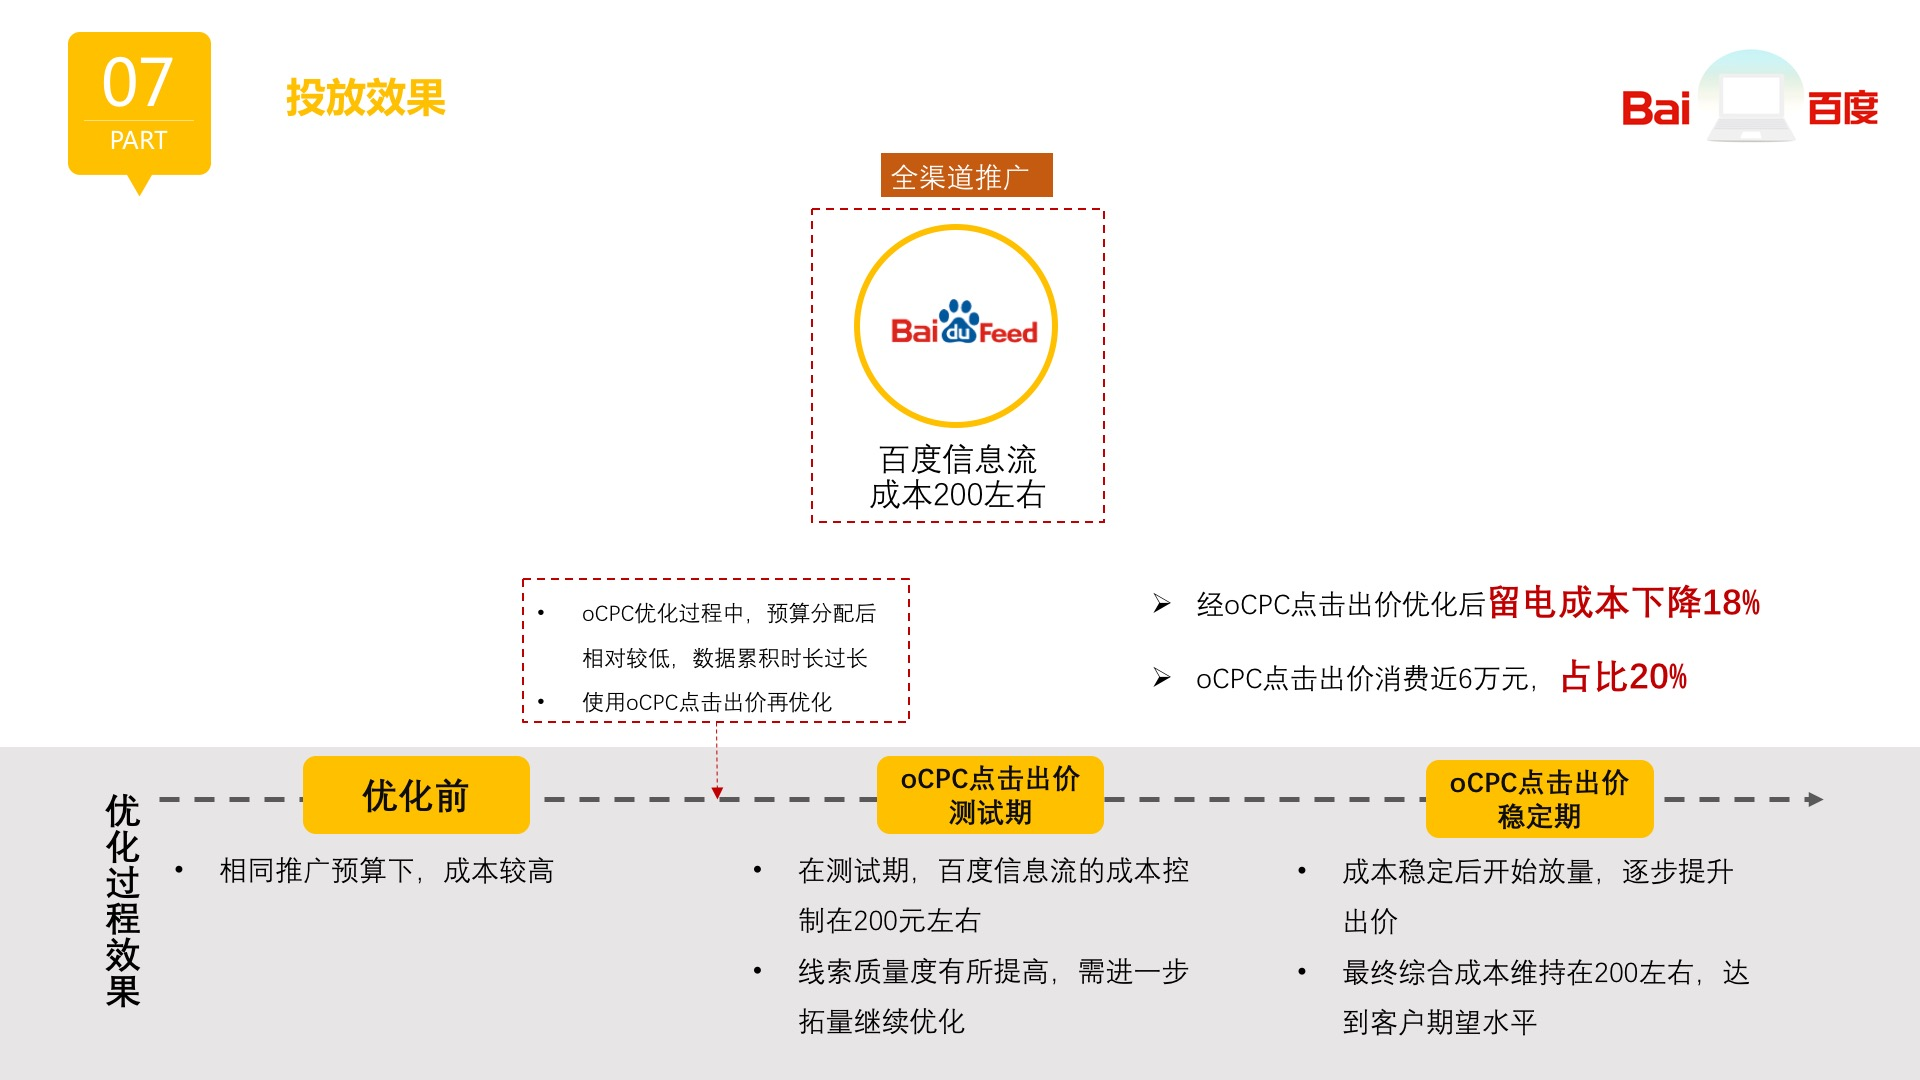 44 广州新居网家居科技有限公司-百享案例-20181226.jpg